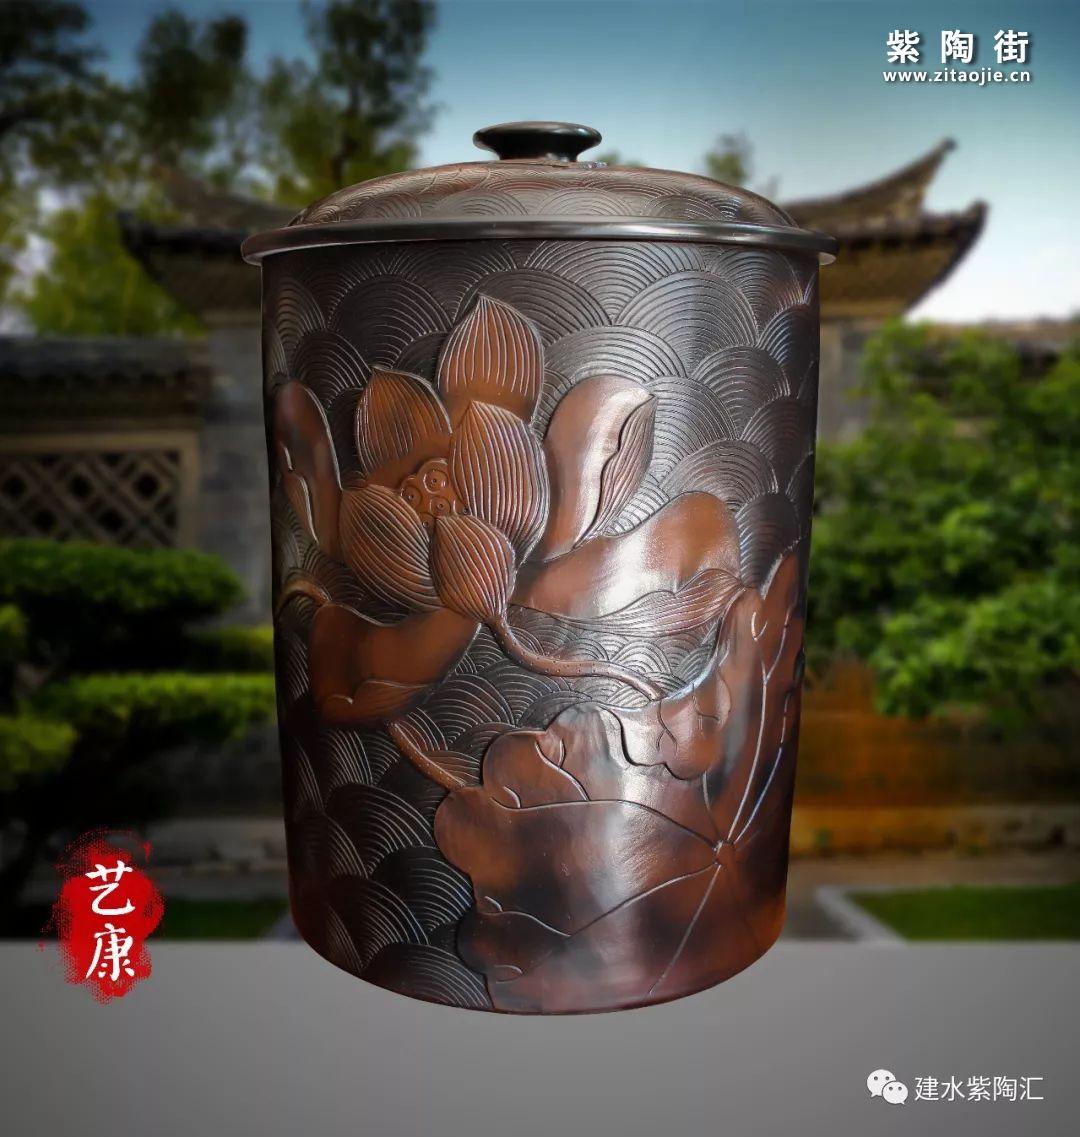 建水艺康陶艺介绍及紫陶作品欣赏-紫陶街